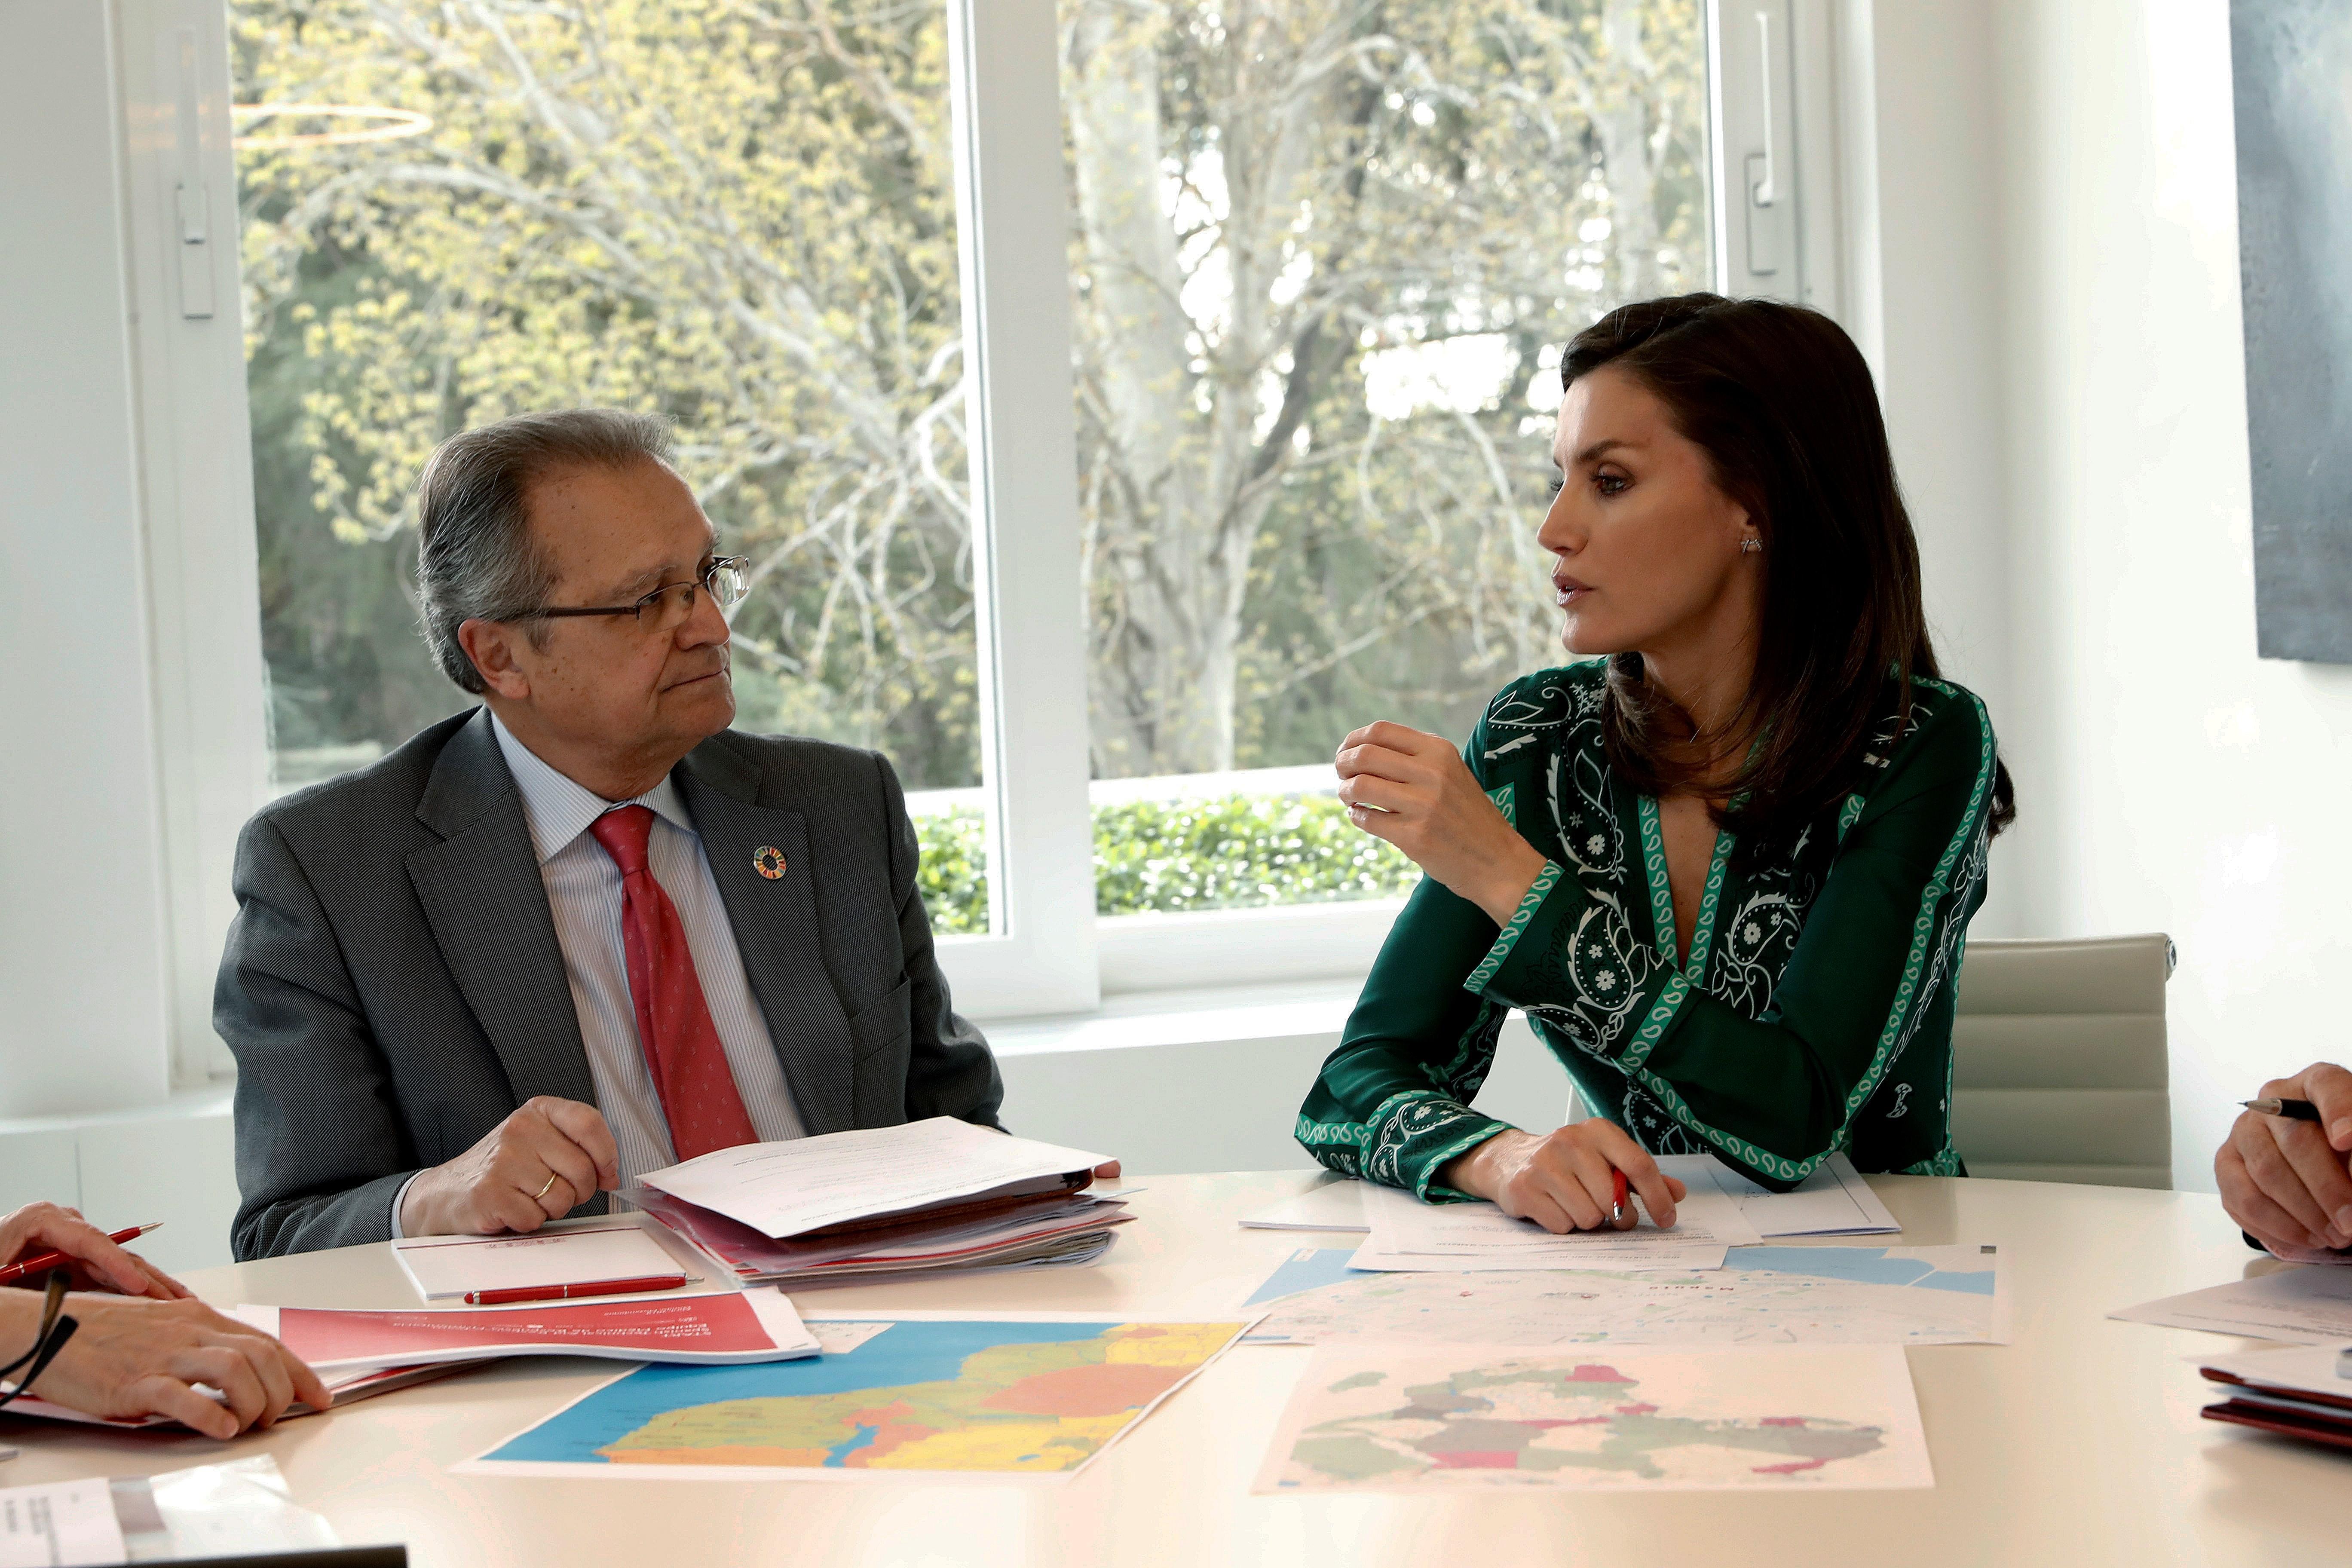 La visita de la reina Letizia a Mozambique, en imágenes